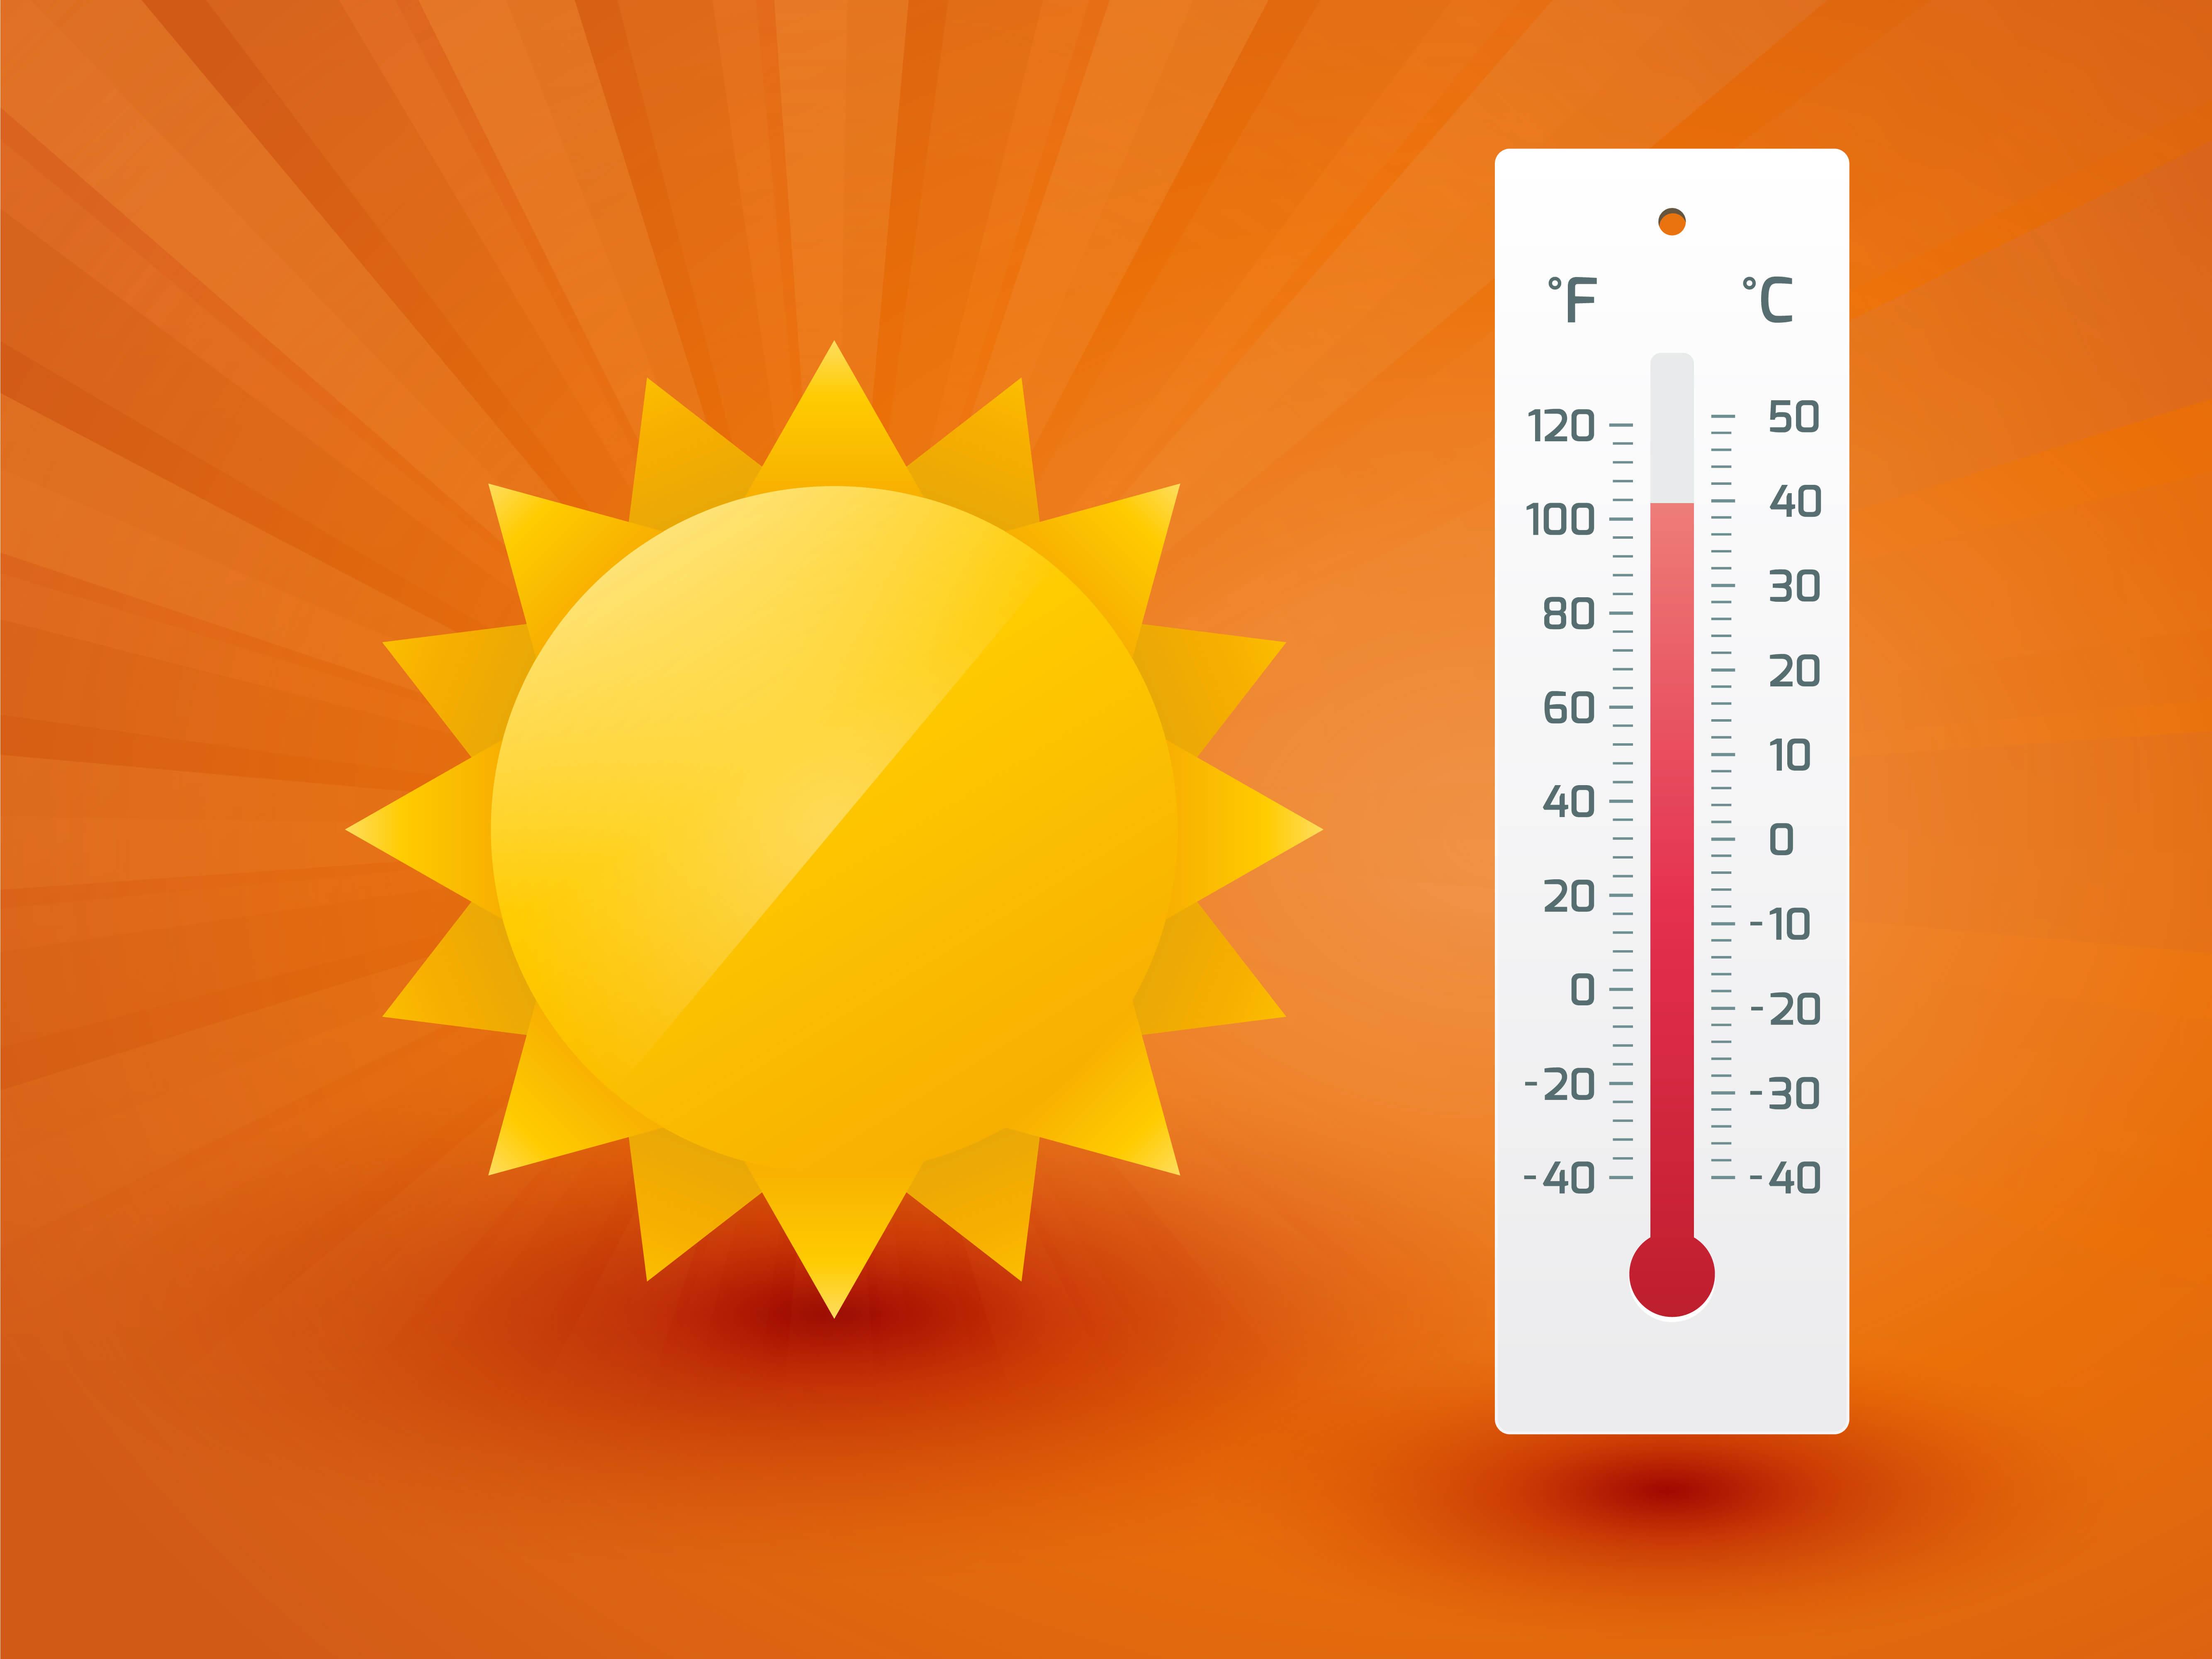 Watch Preventing Heat Stroke in Kids video